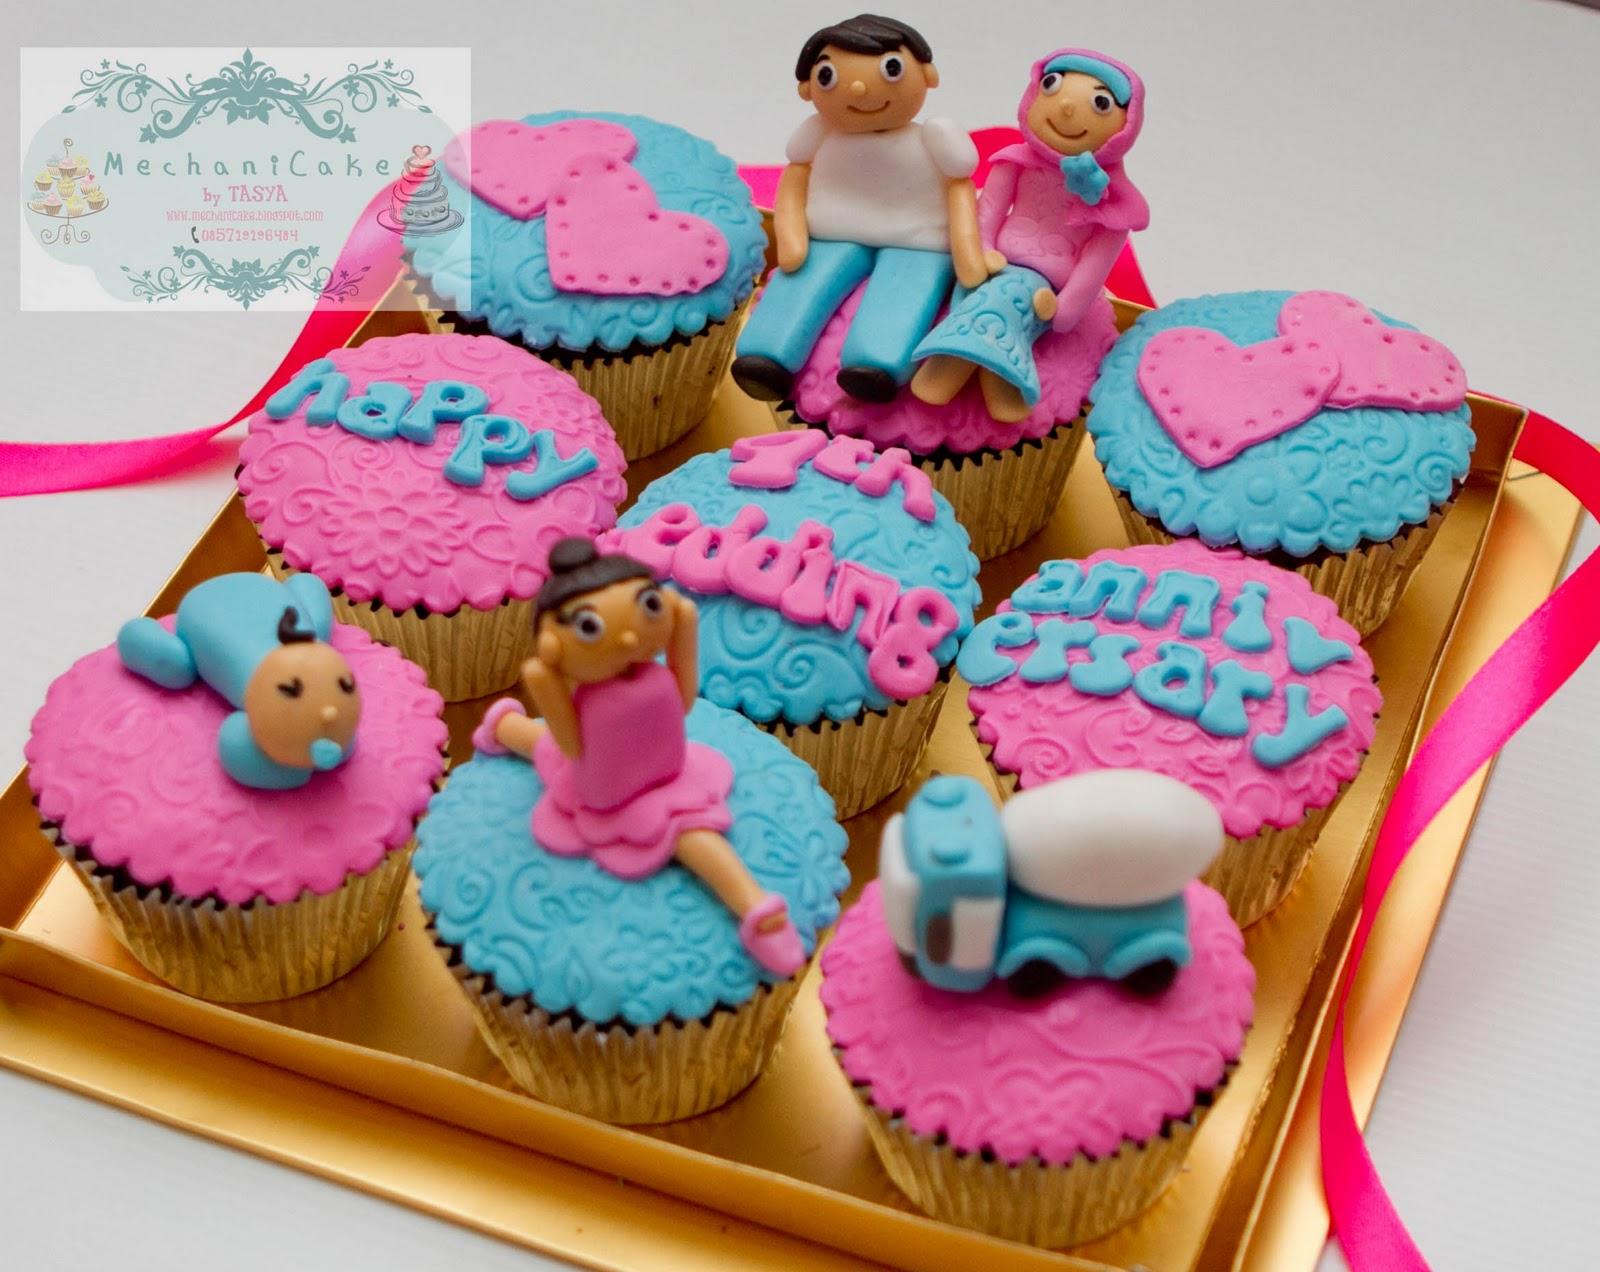 MechaniCake: 4th wedding anniversary cupcake